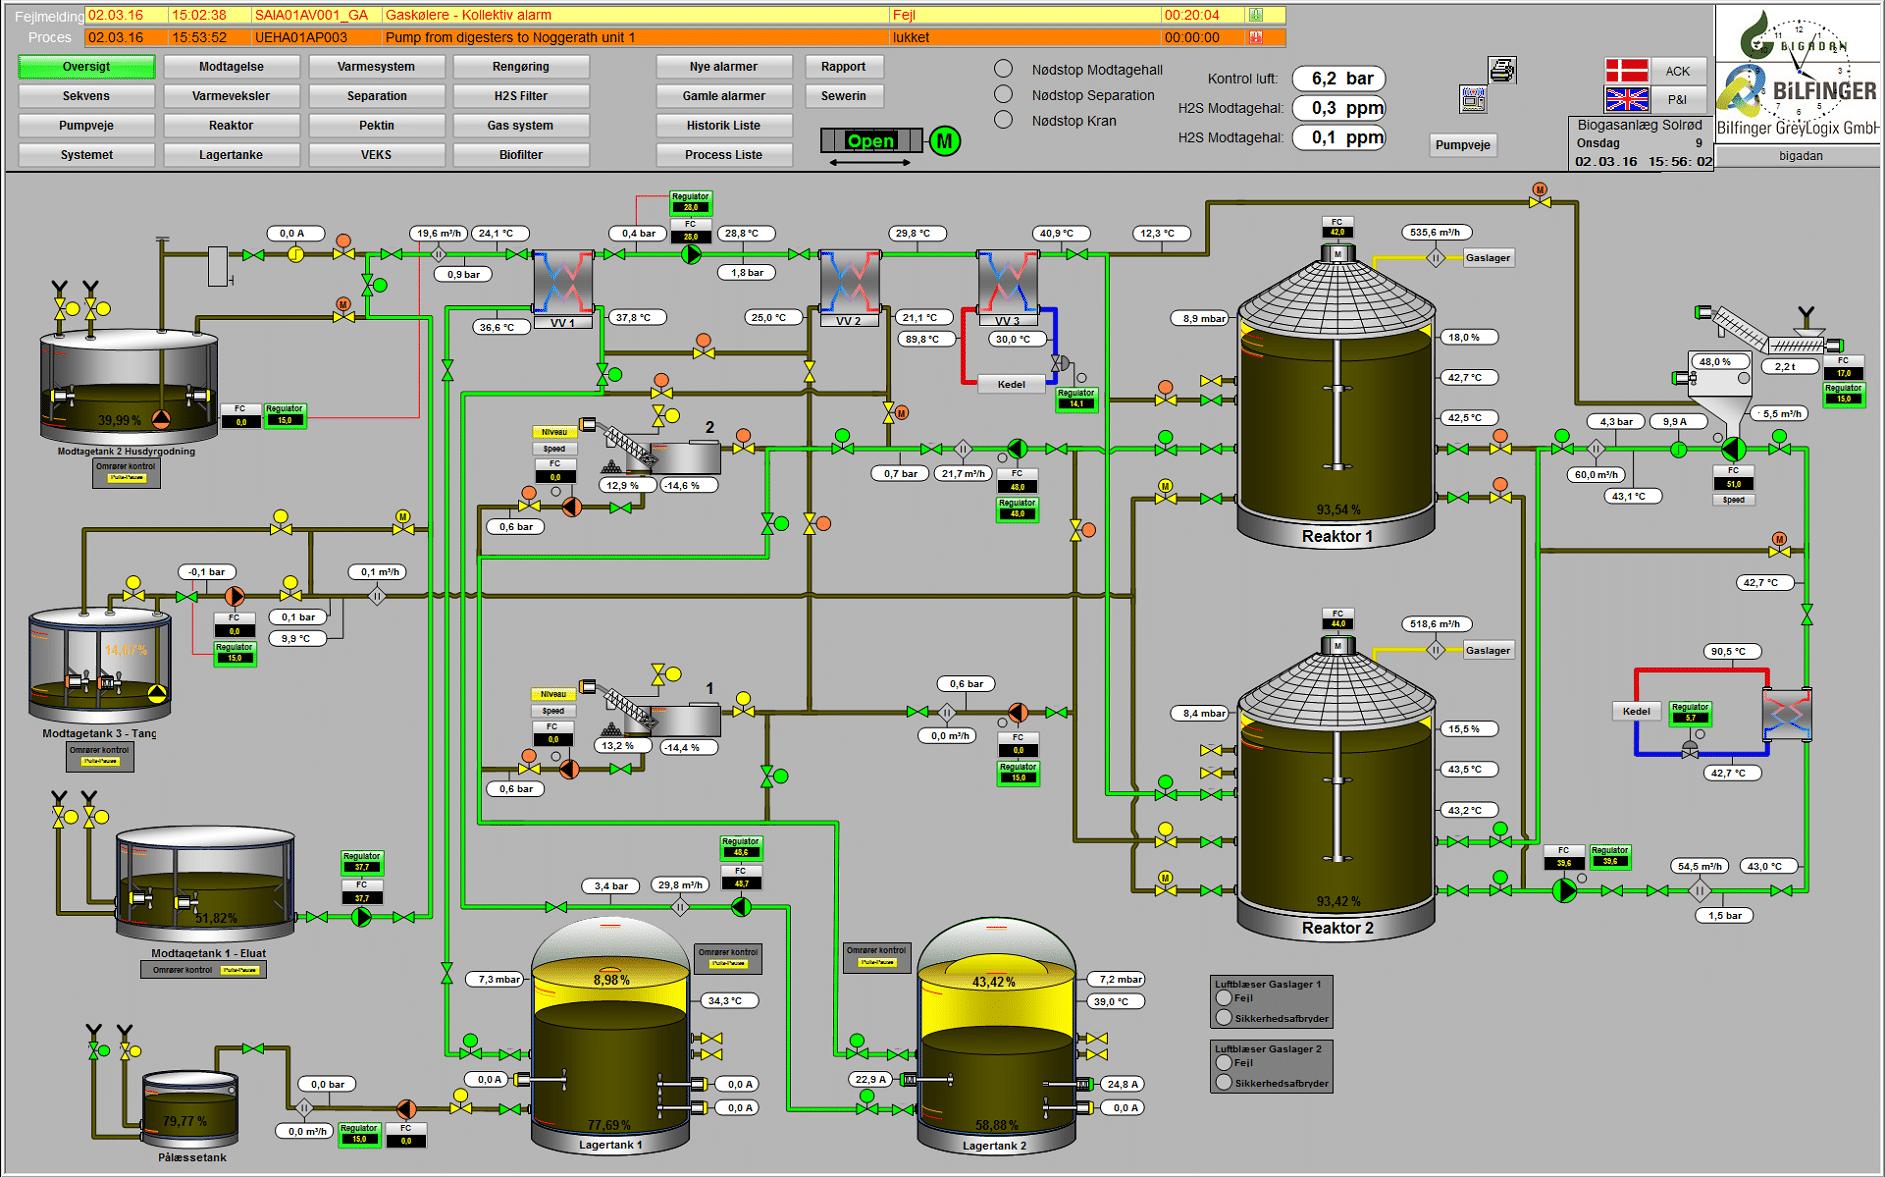 Oversigt, Solrød Biogas